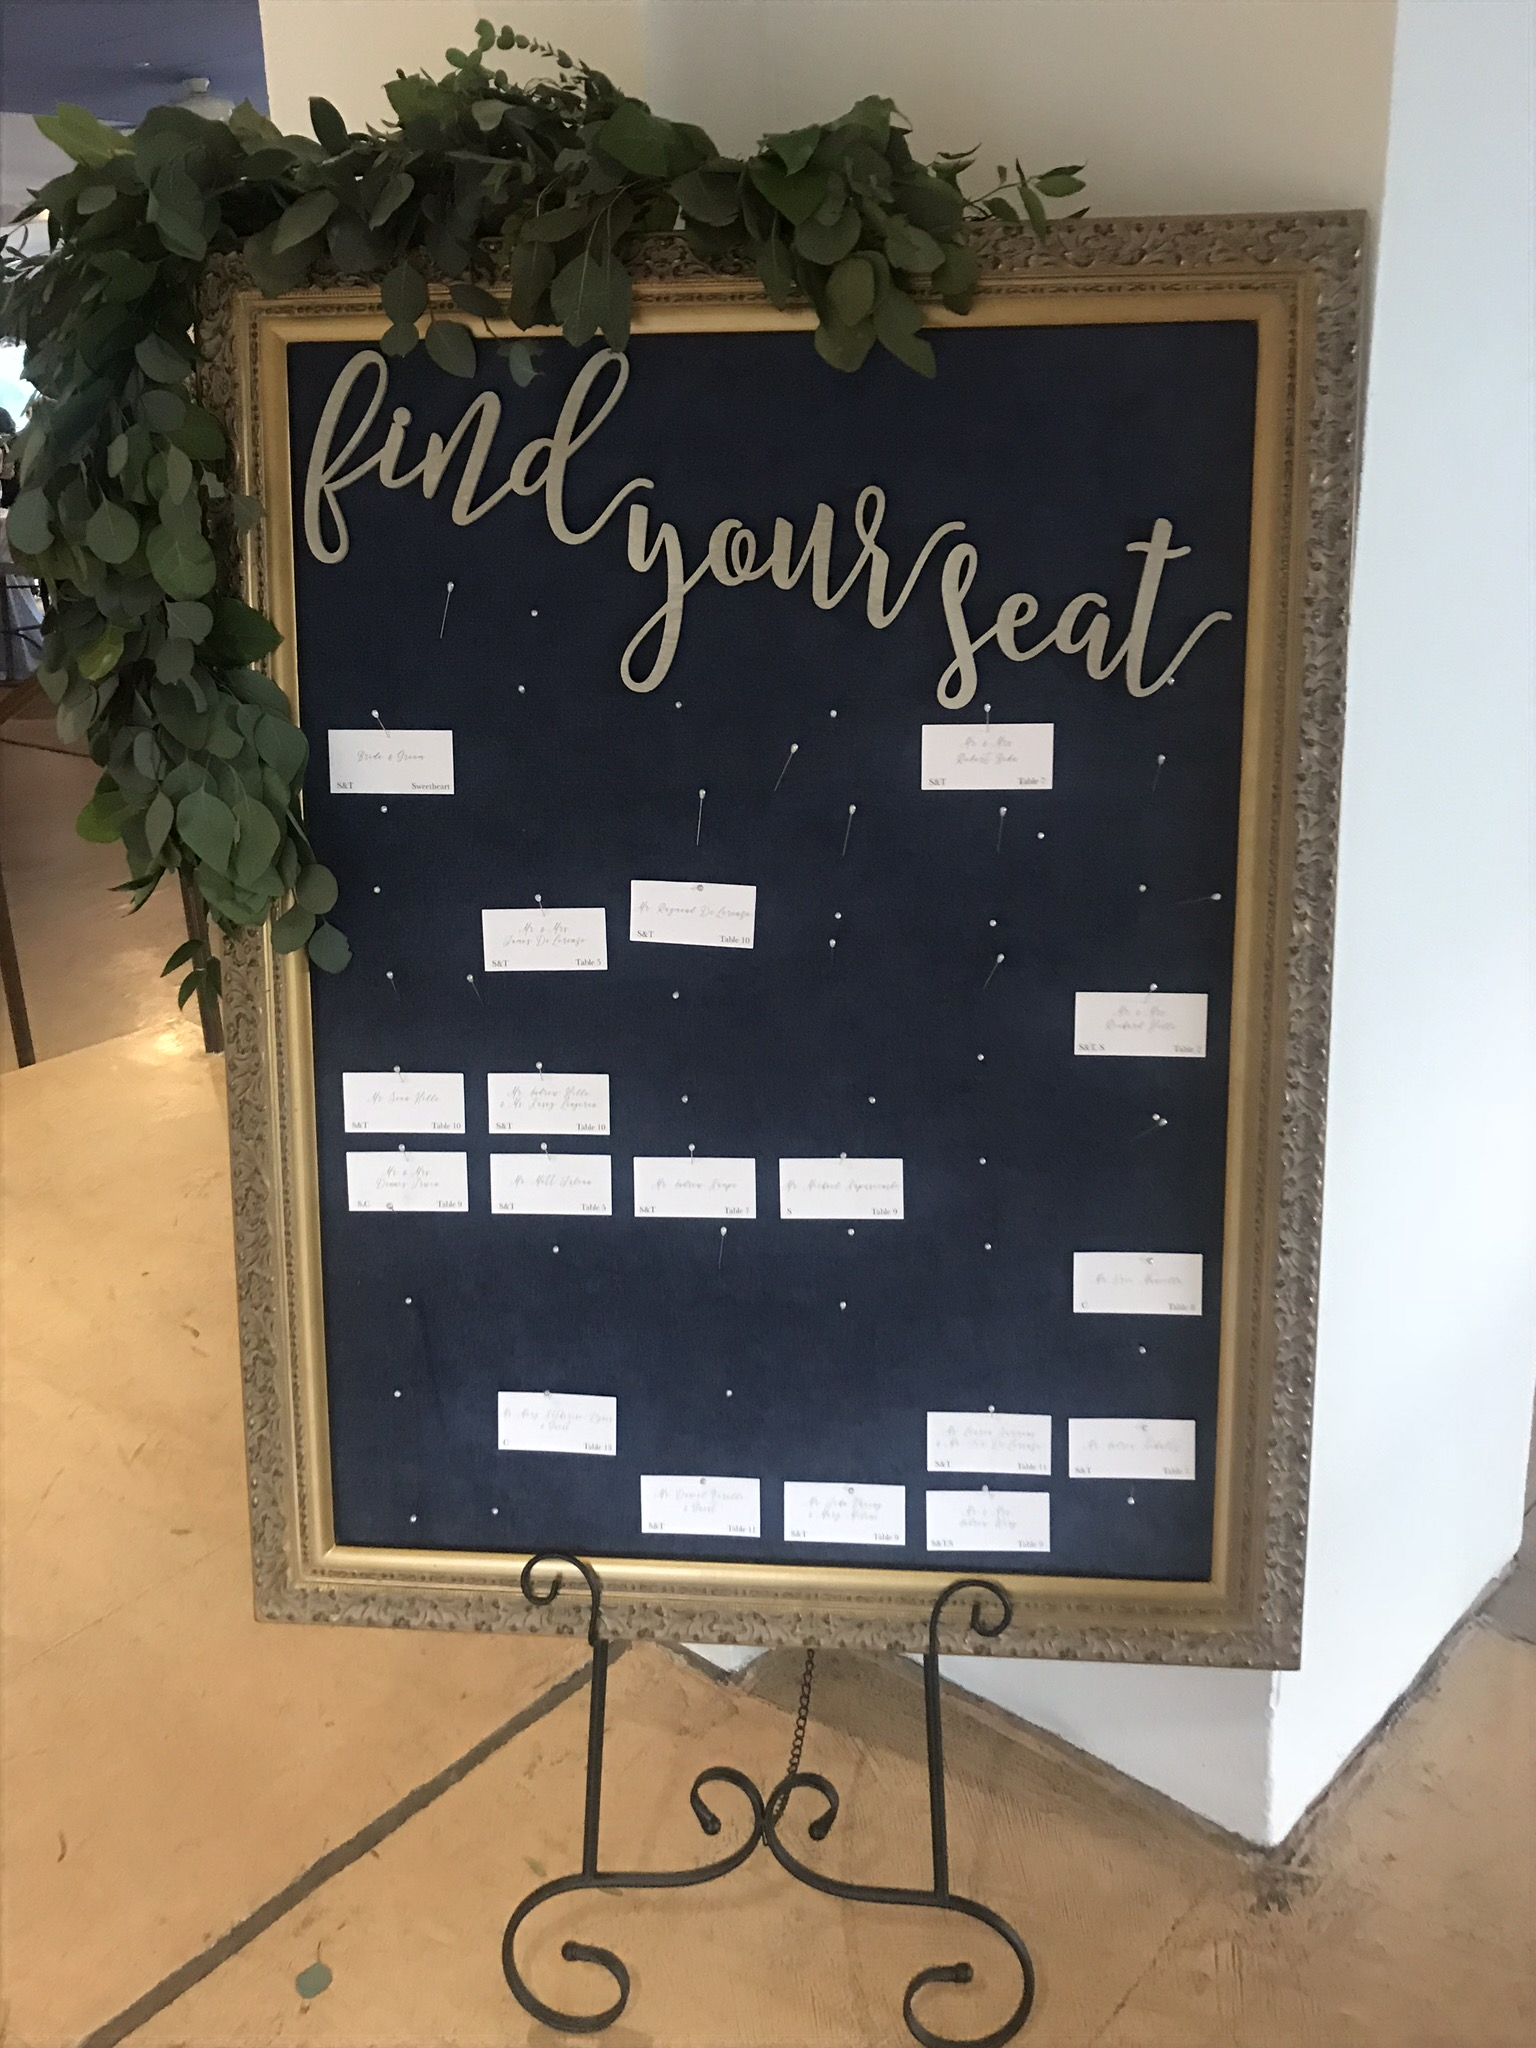 Find Your Seat Escort Card Holder Seating Chart Seating Chart Display Escort Card Display Extra Large Gold Picture Frame Wedding Decoration Bravobride